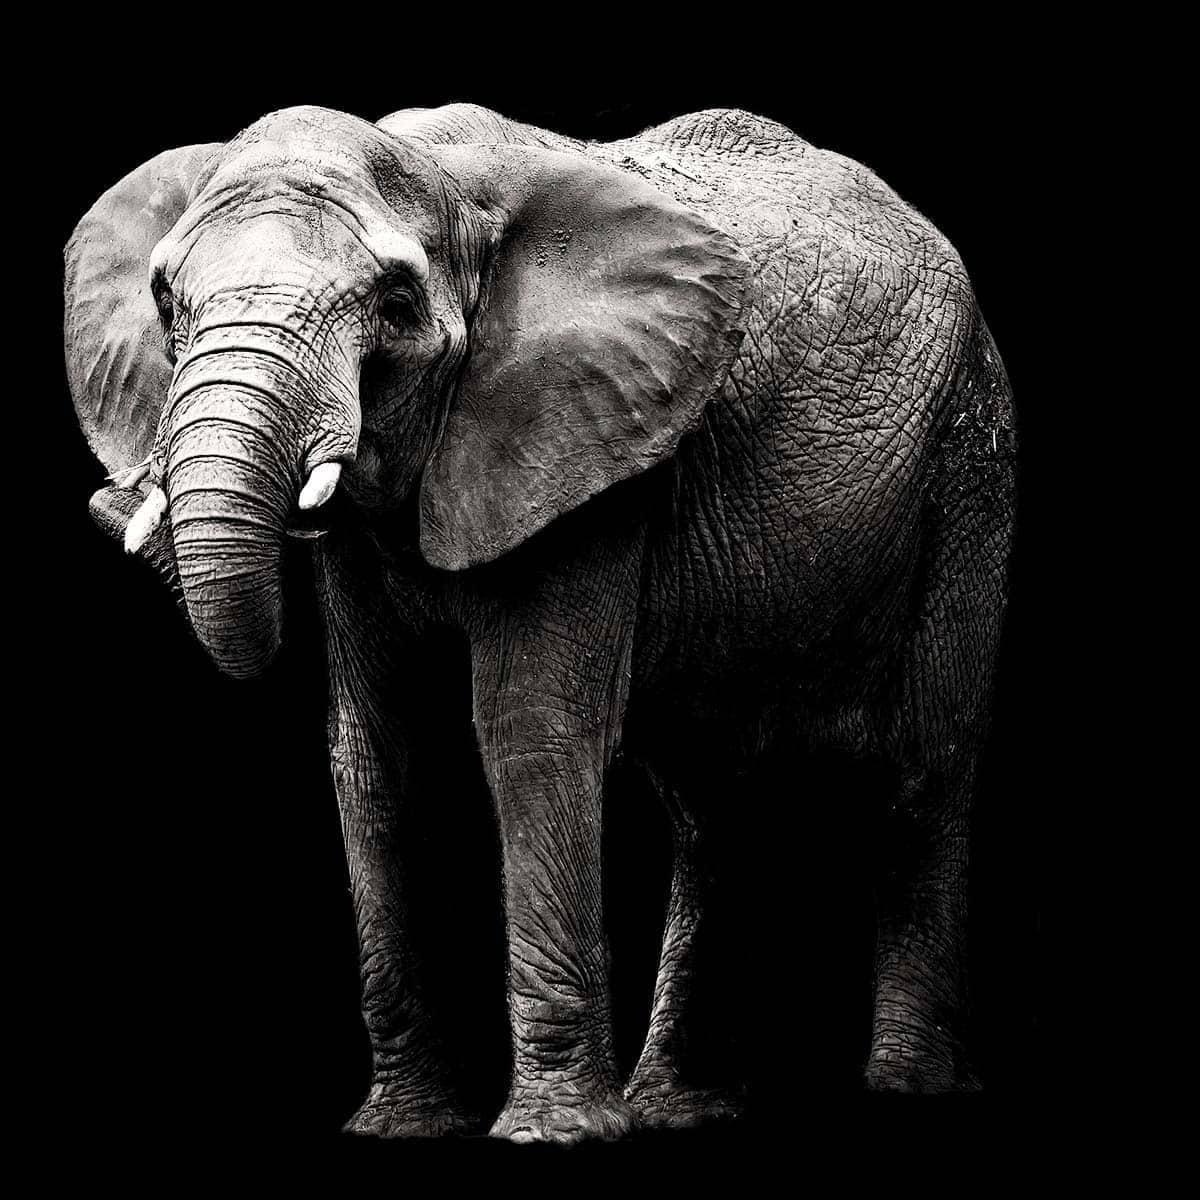 Elefant auf schwarz weiß